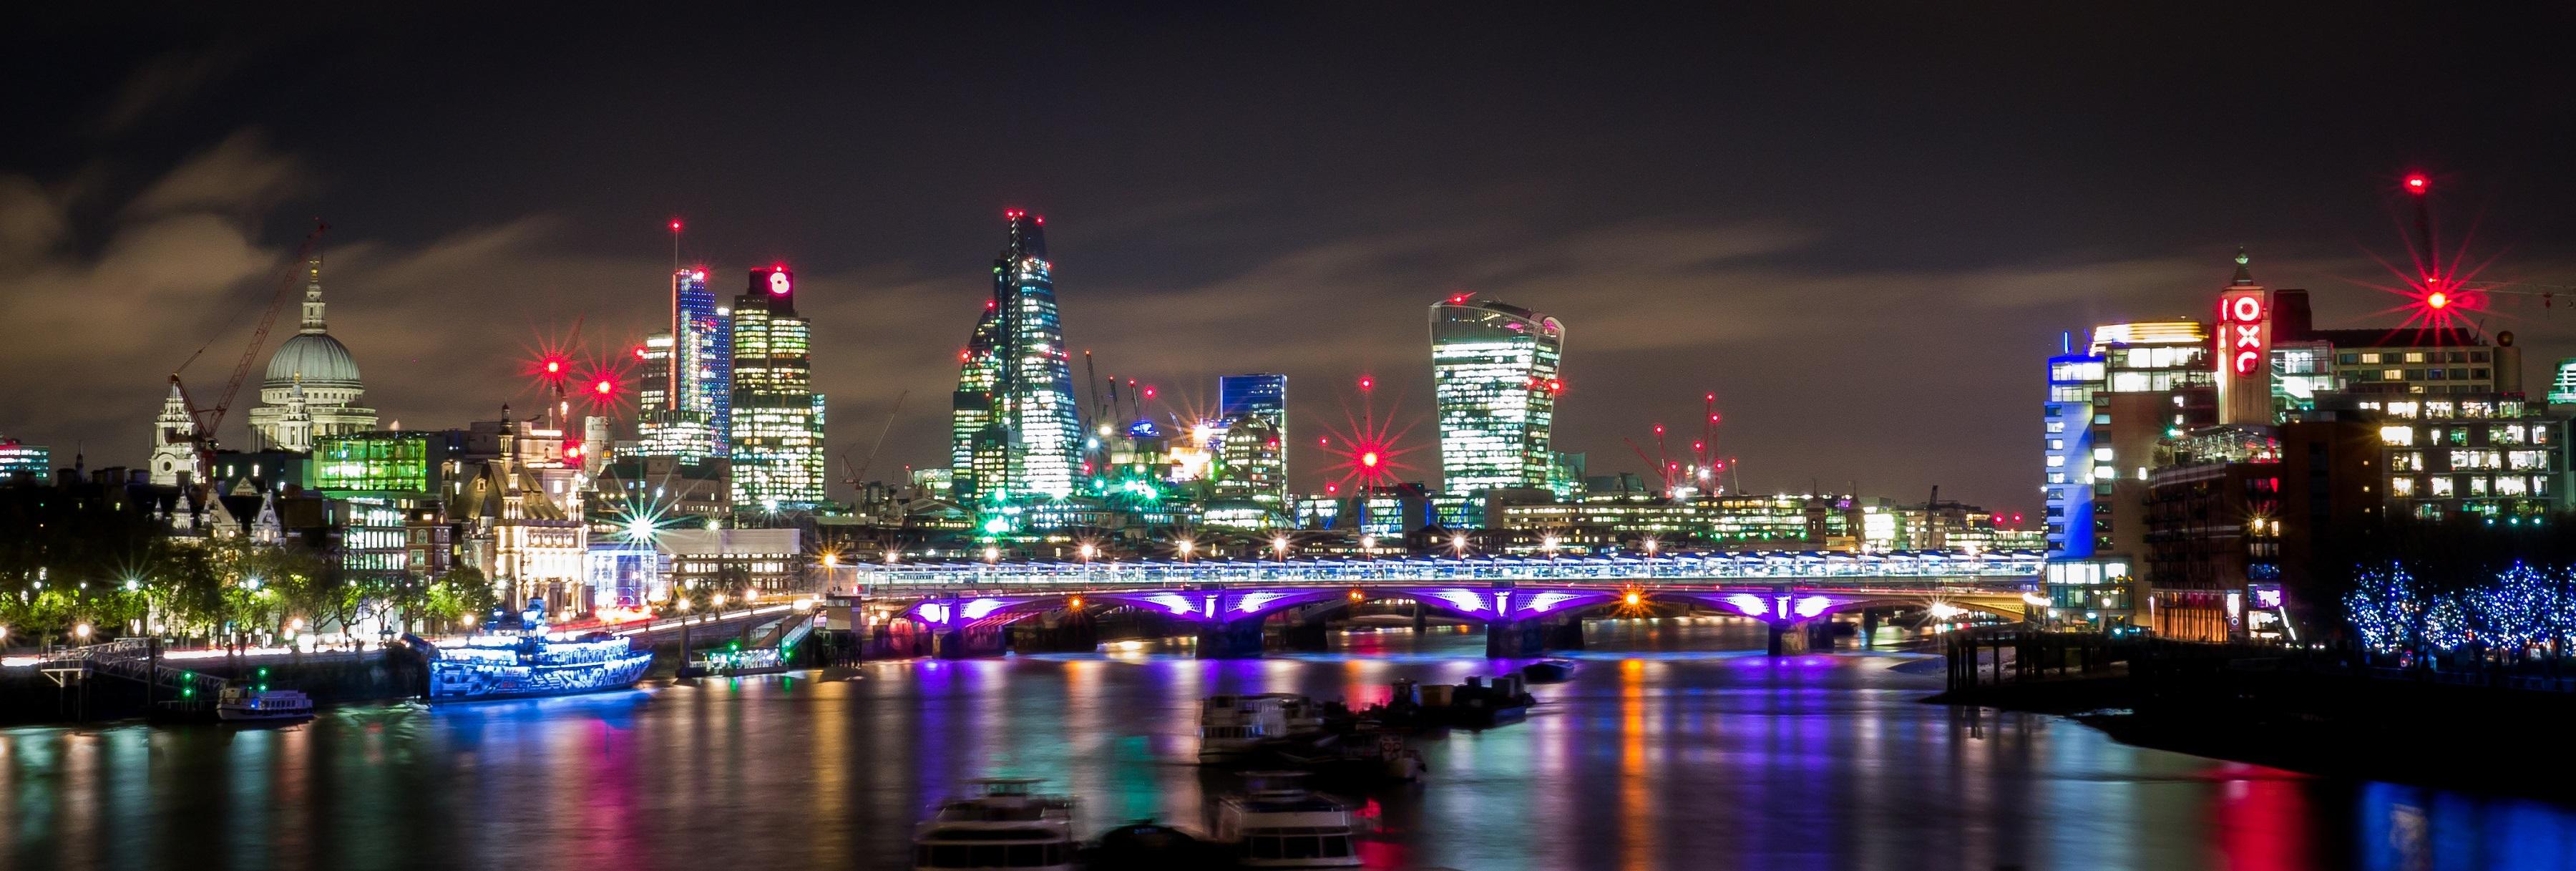 london-1405911